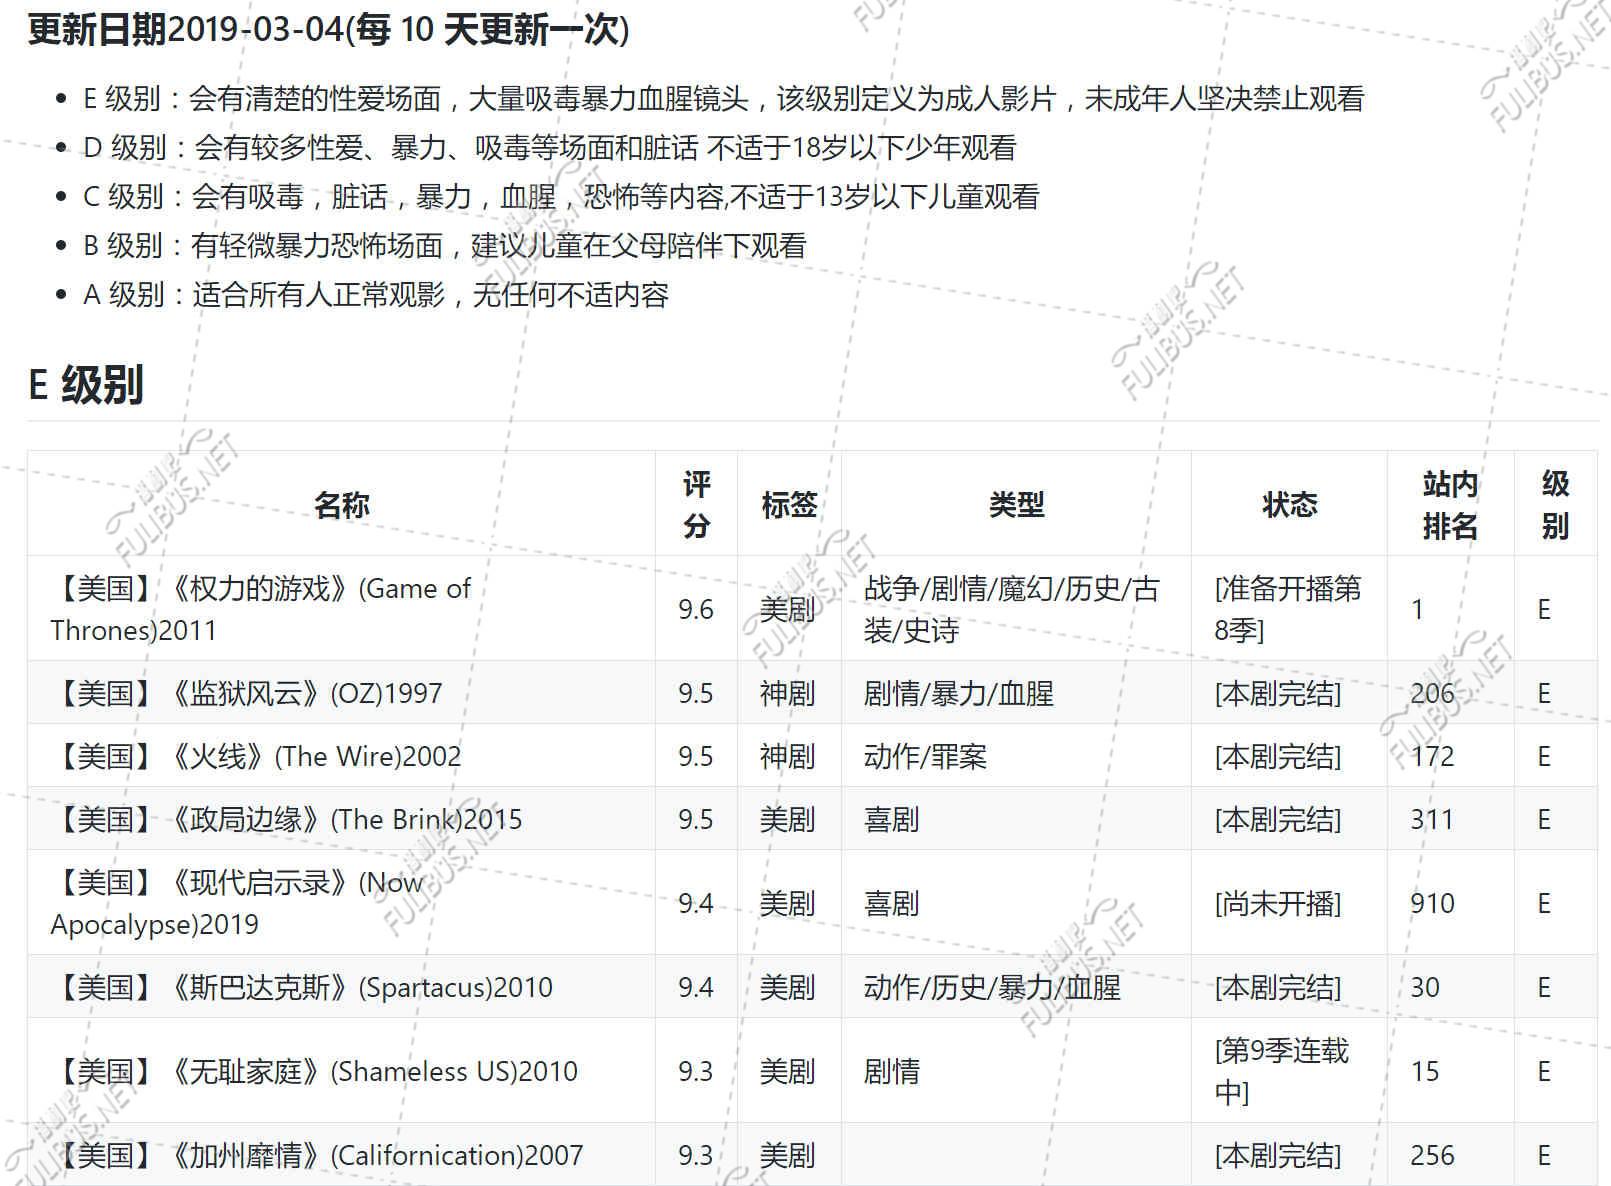 趣味网站第13期 在线抠图/美剧评级/西格玛暗黑/百度文库助手  文章推荐  图5